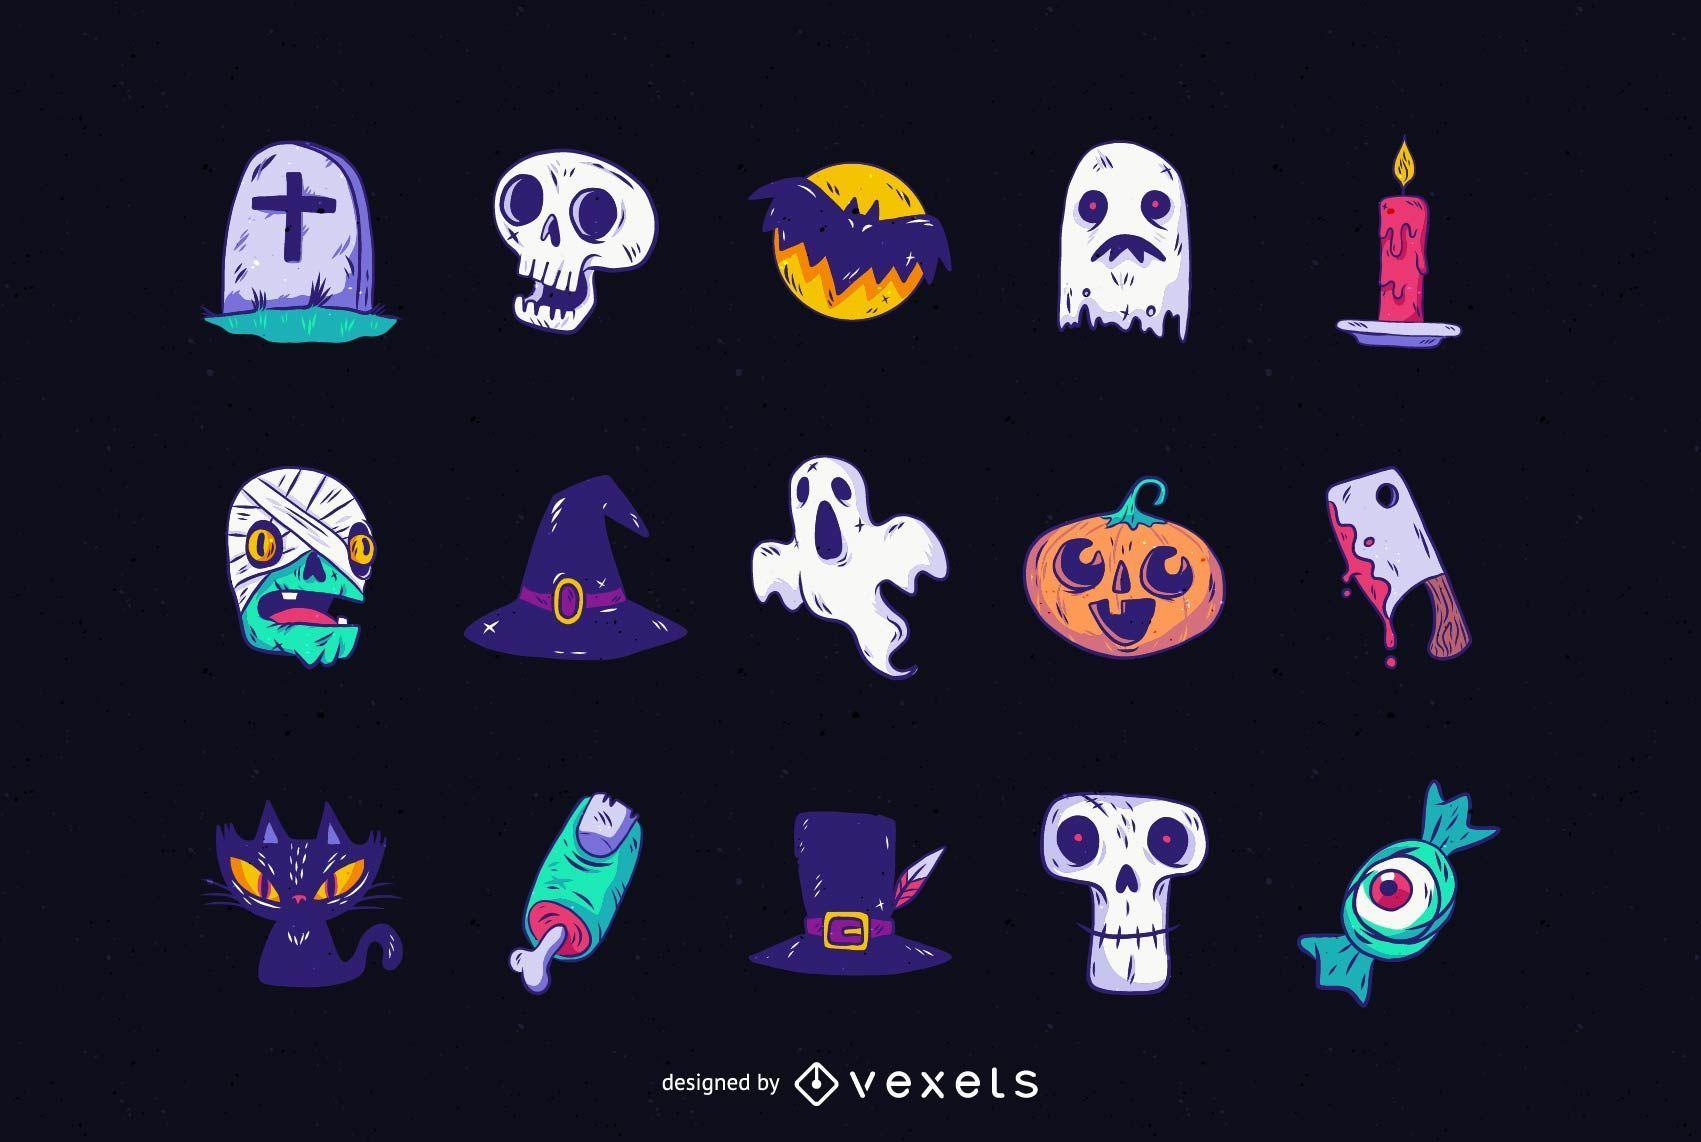 Paquete de objetos de Halloween lindo cazado